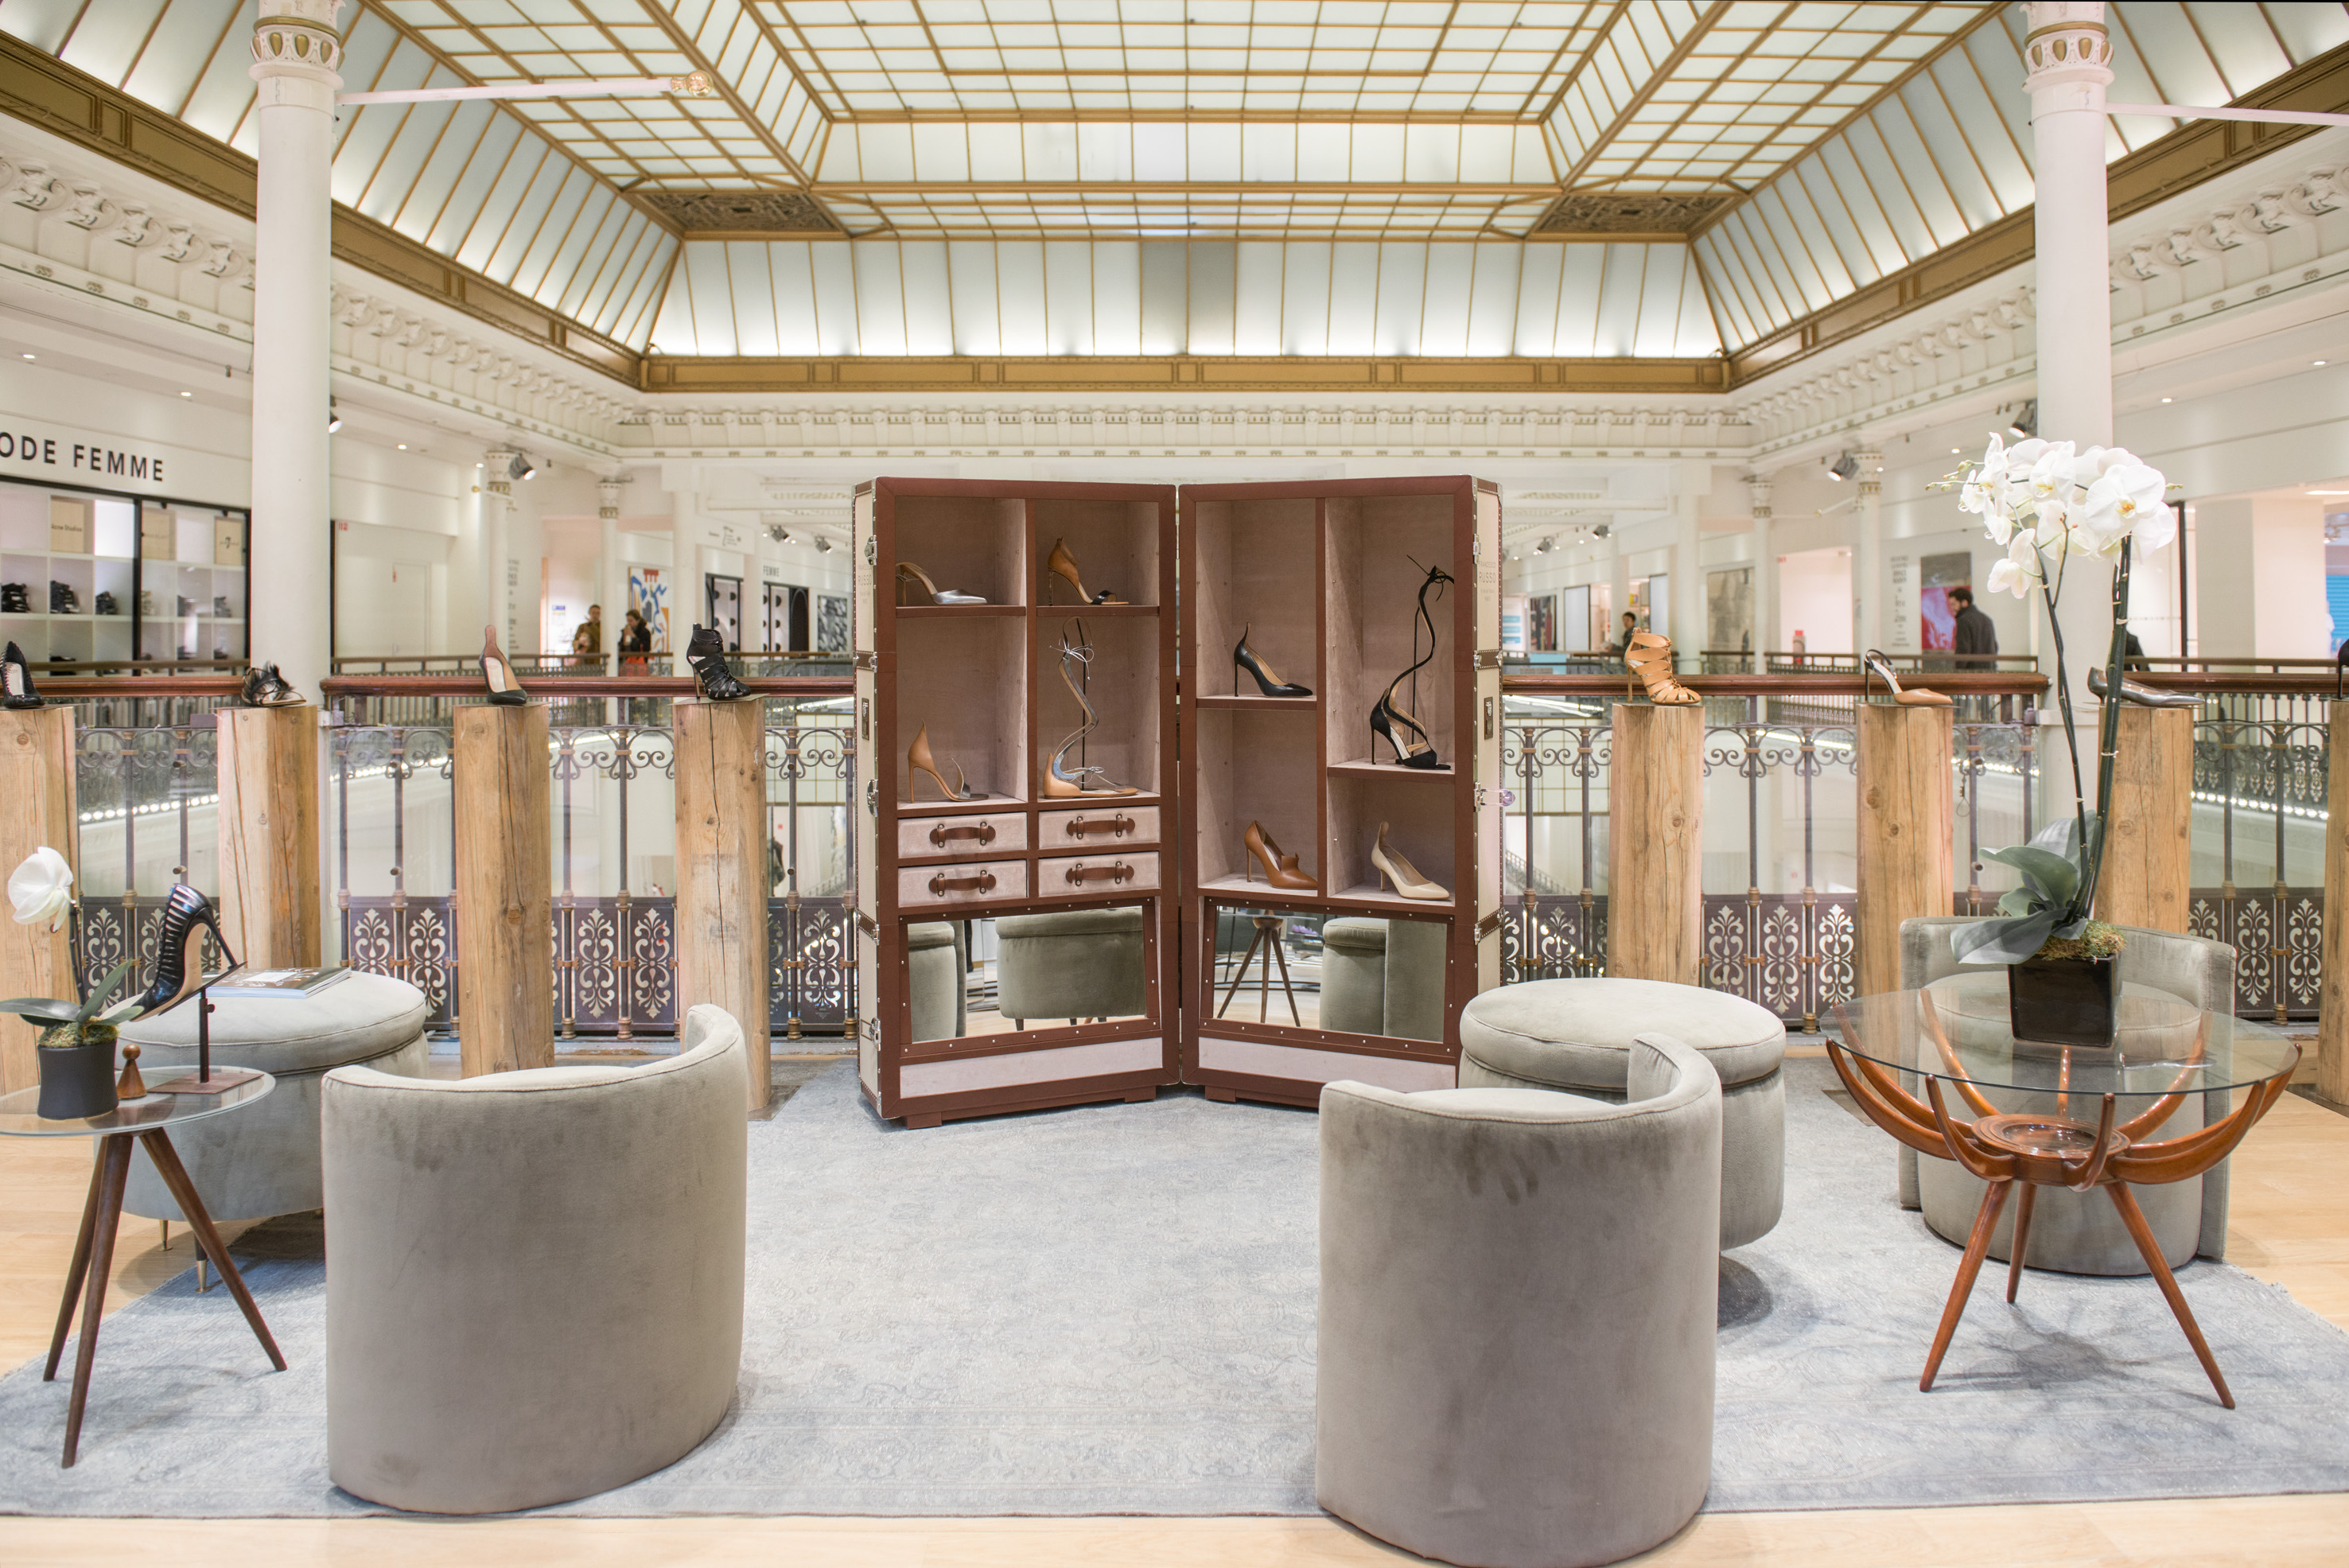 Le nouvel espace souliers du bon march rive gauche for Verriere jardin d hiver